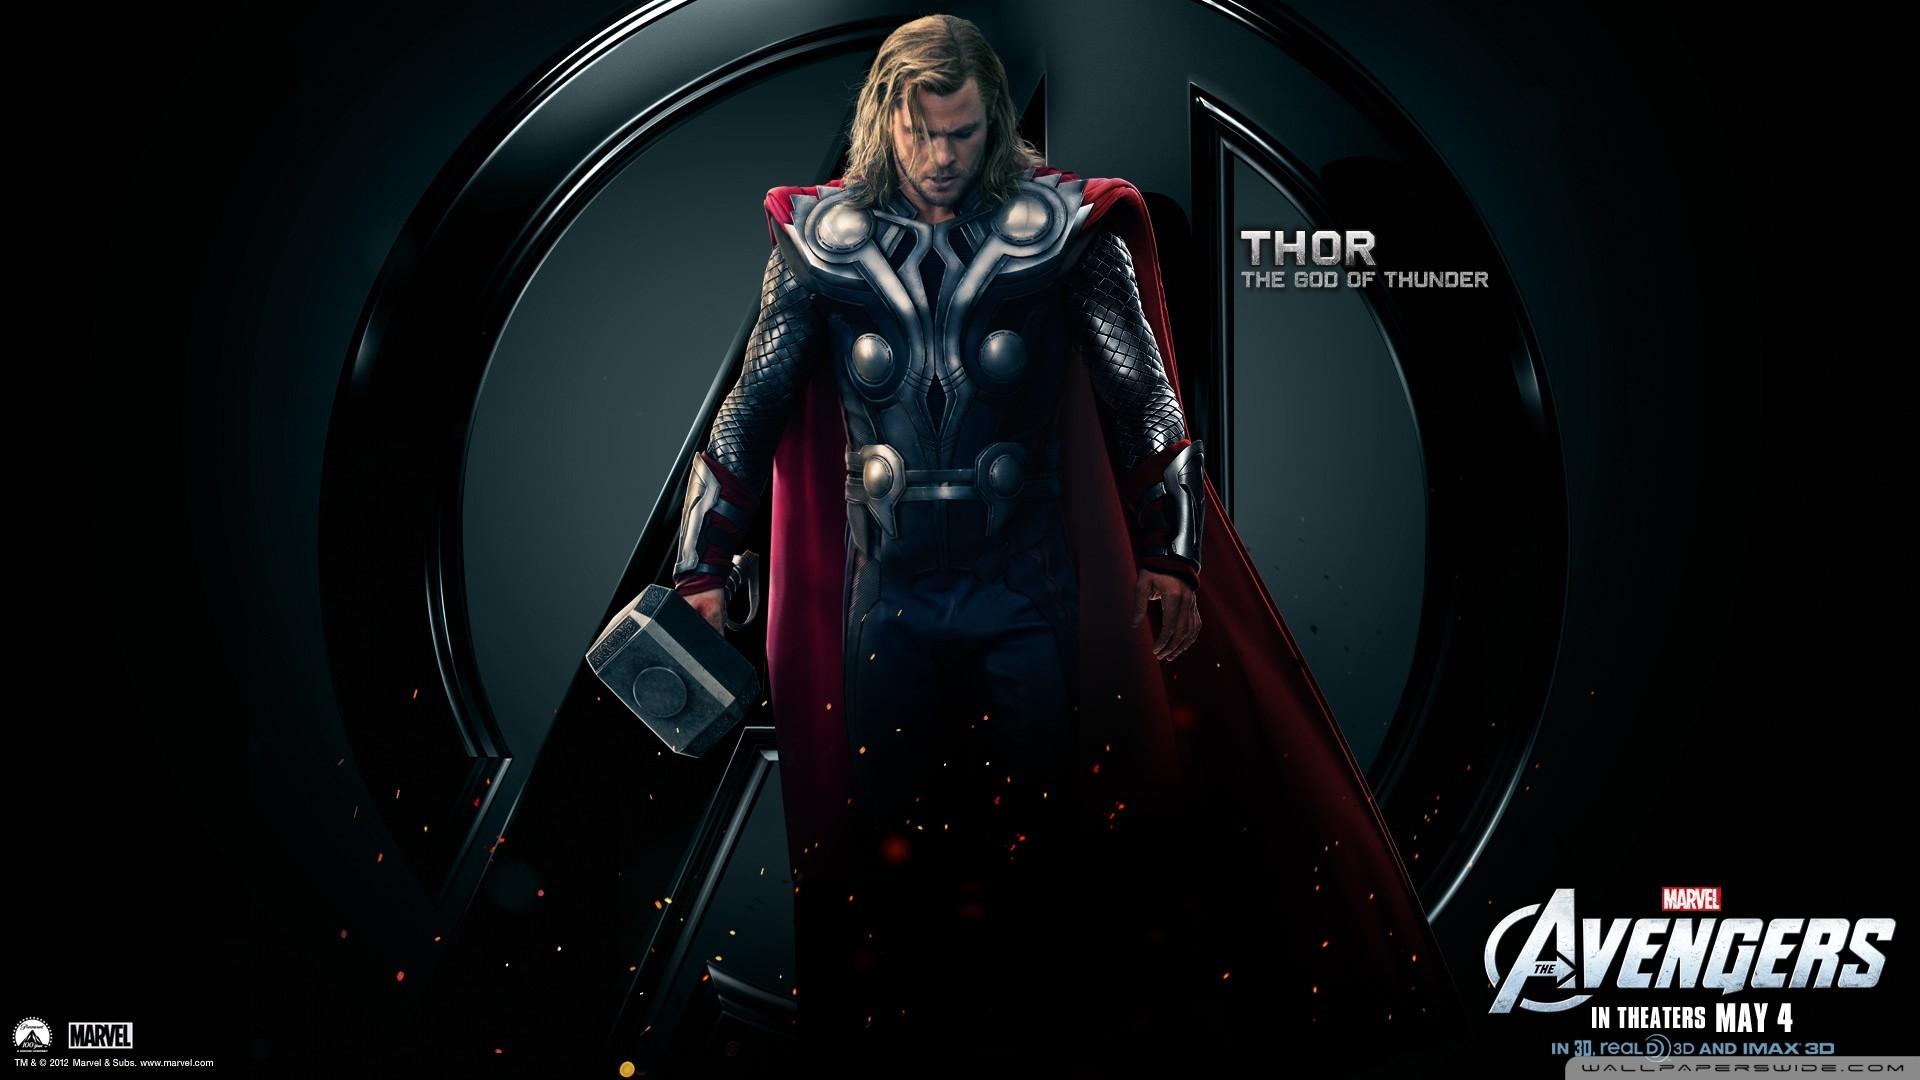 the_avengers_thor-wallpaper-1920×1080